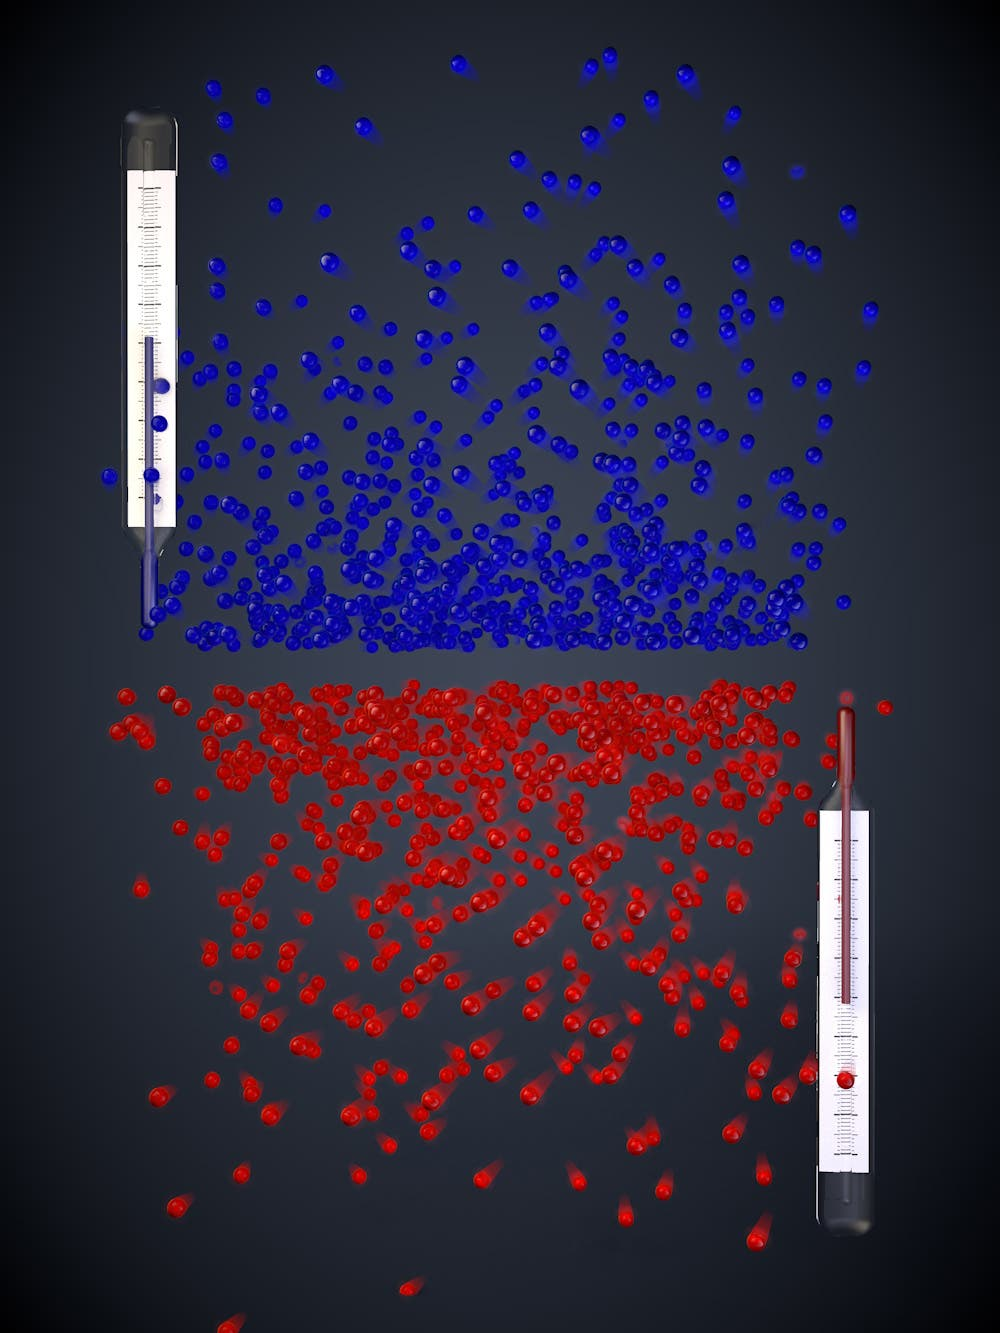 Symbolbild für die umgekehrte Boltztmann-Verteilung